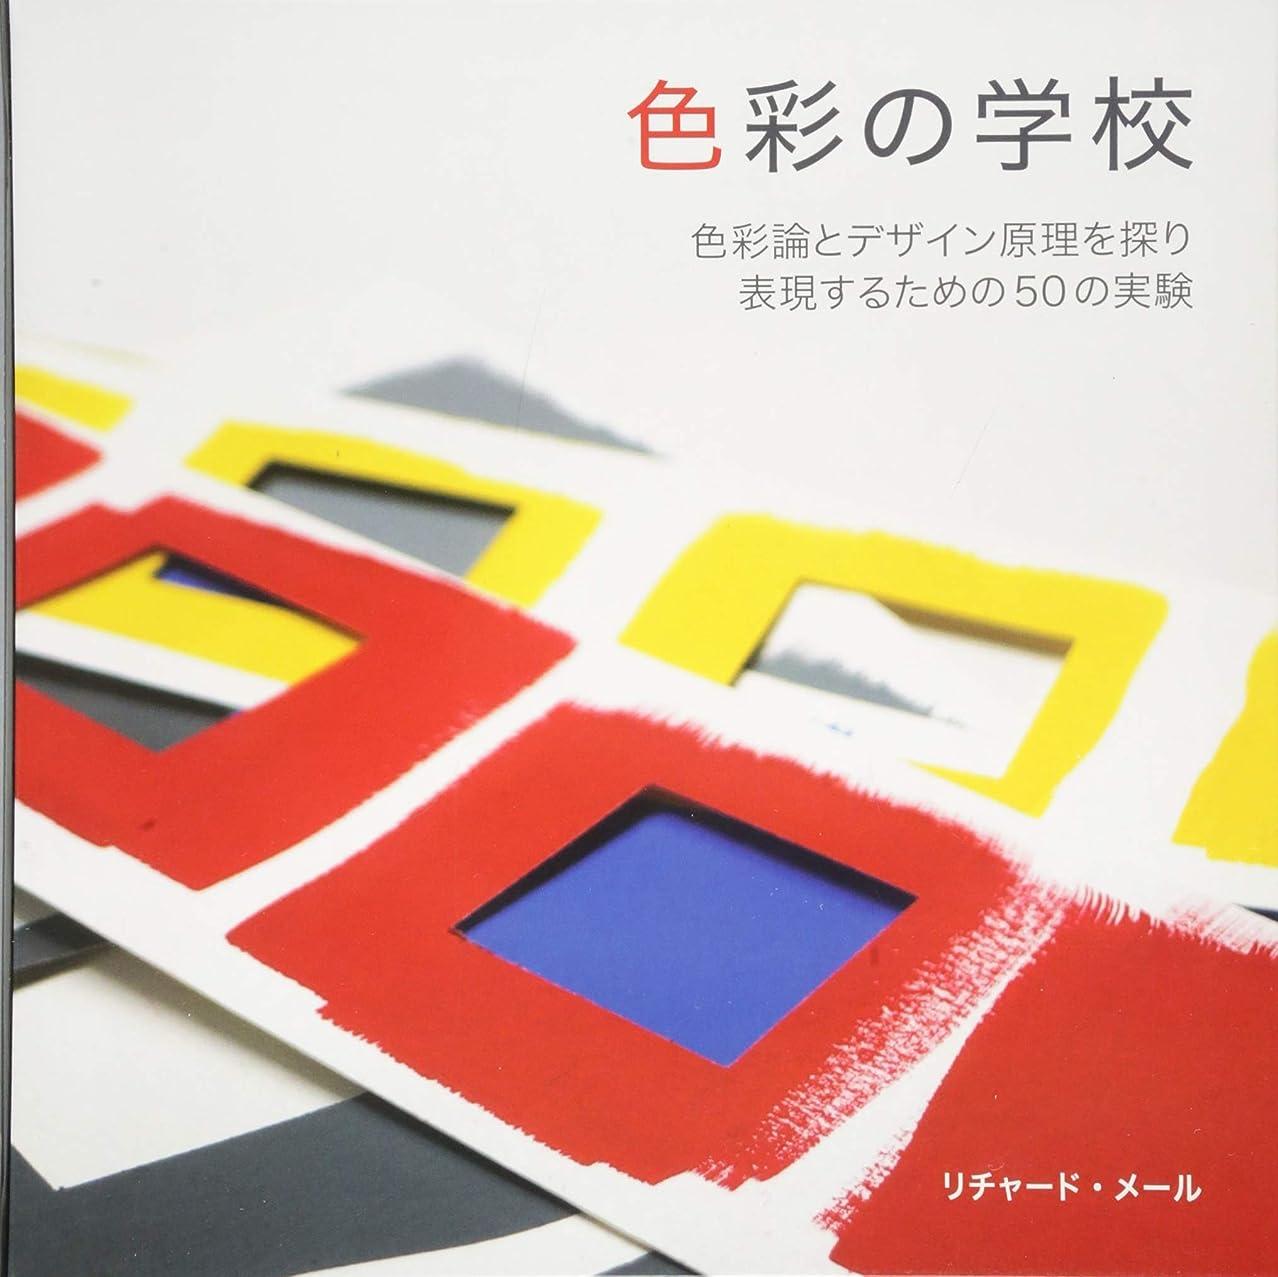 バリー呪われた配色の教科書-歴史上の学者?アーティストに学ぶ「美しい配色」のしくみ-